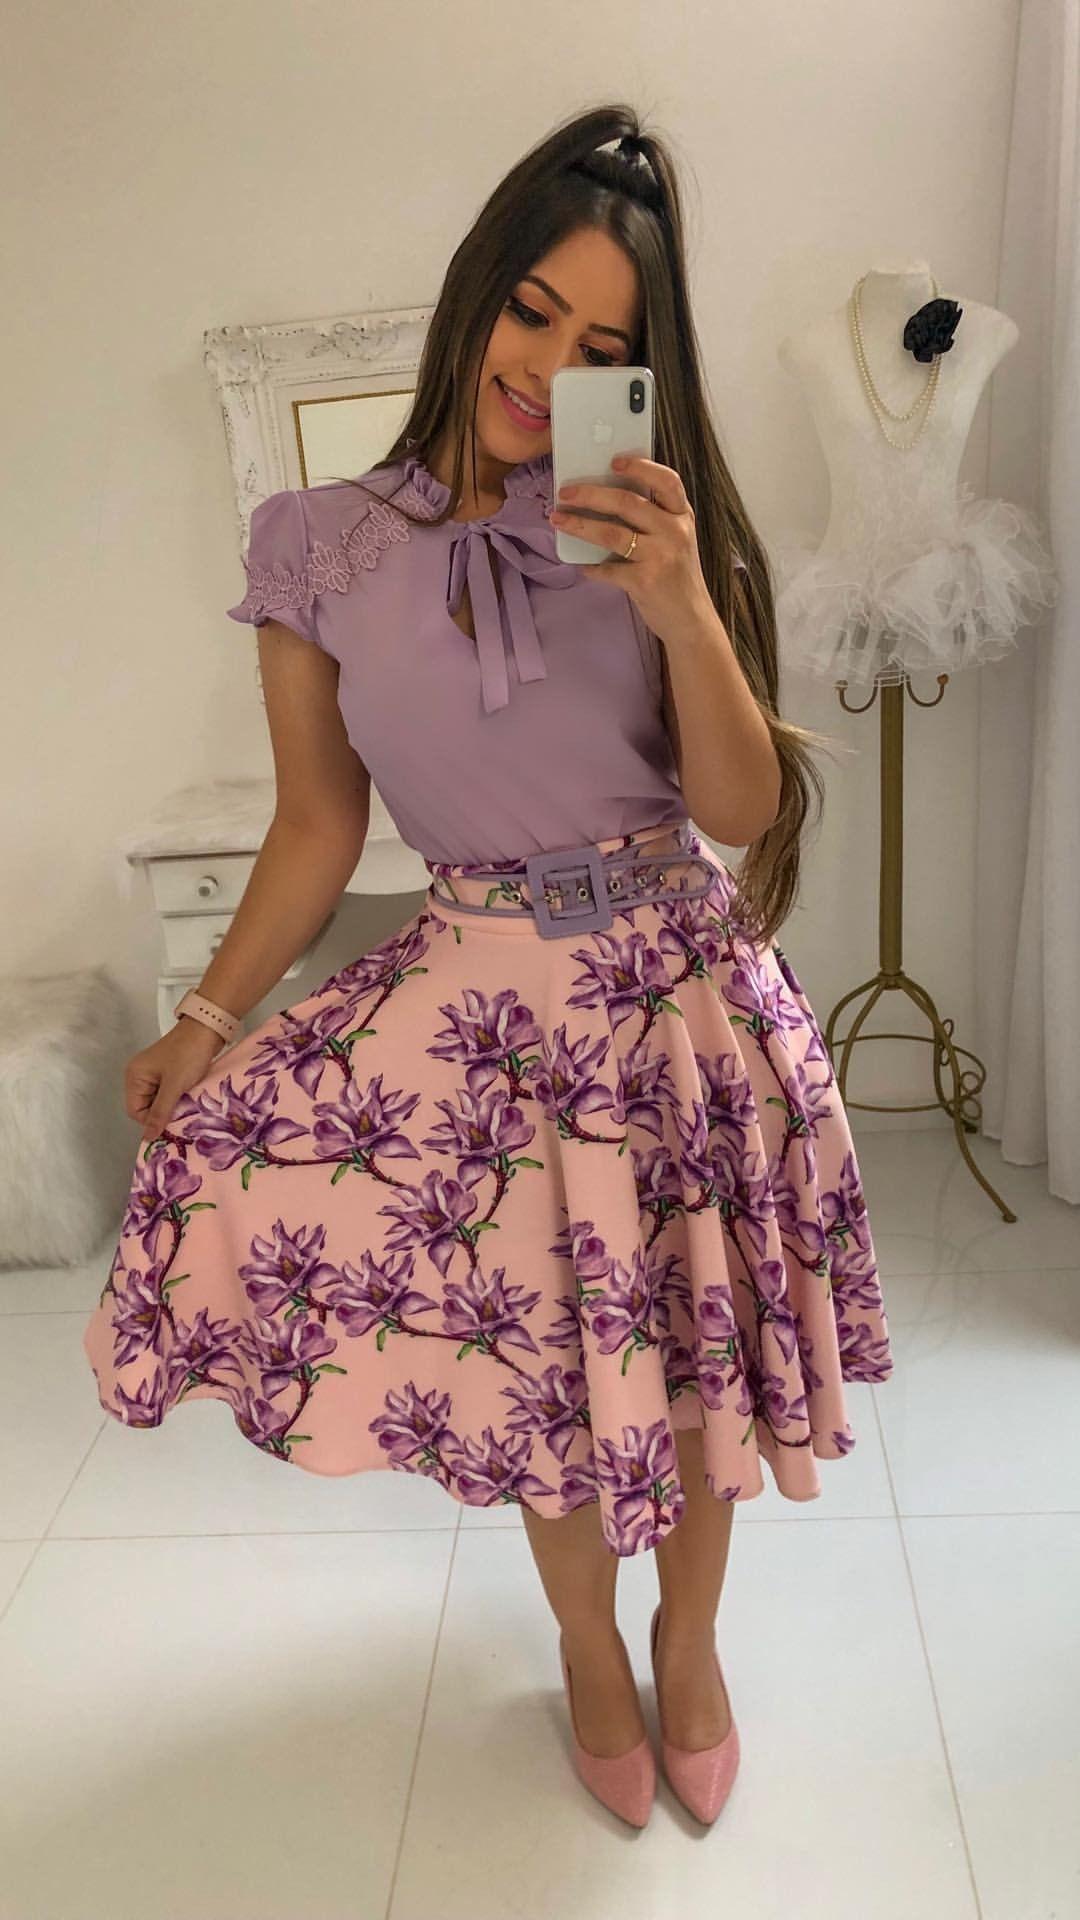 b0882dd05 mustachestore #dress #vestido #estampa #lindo #rosas #flores #floral ...